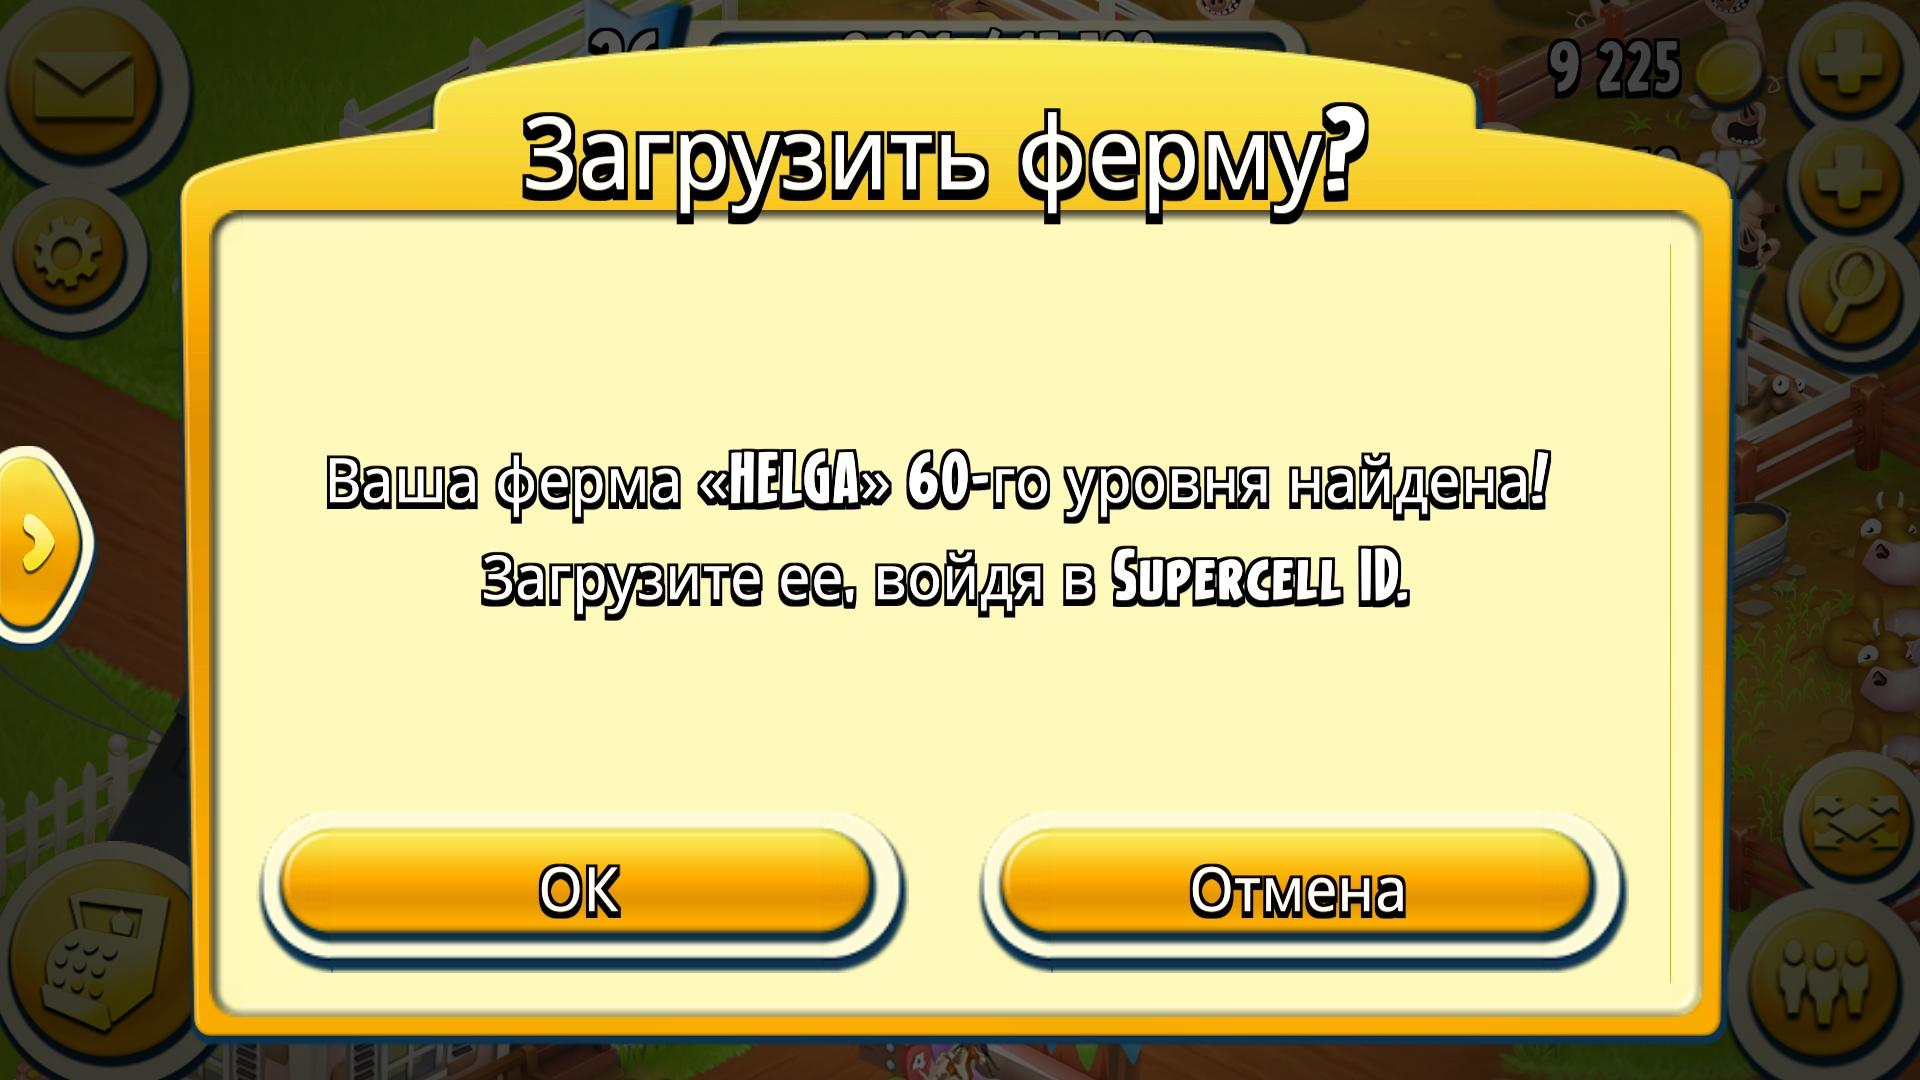 Помогите пожалуйста!